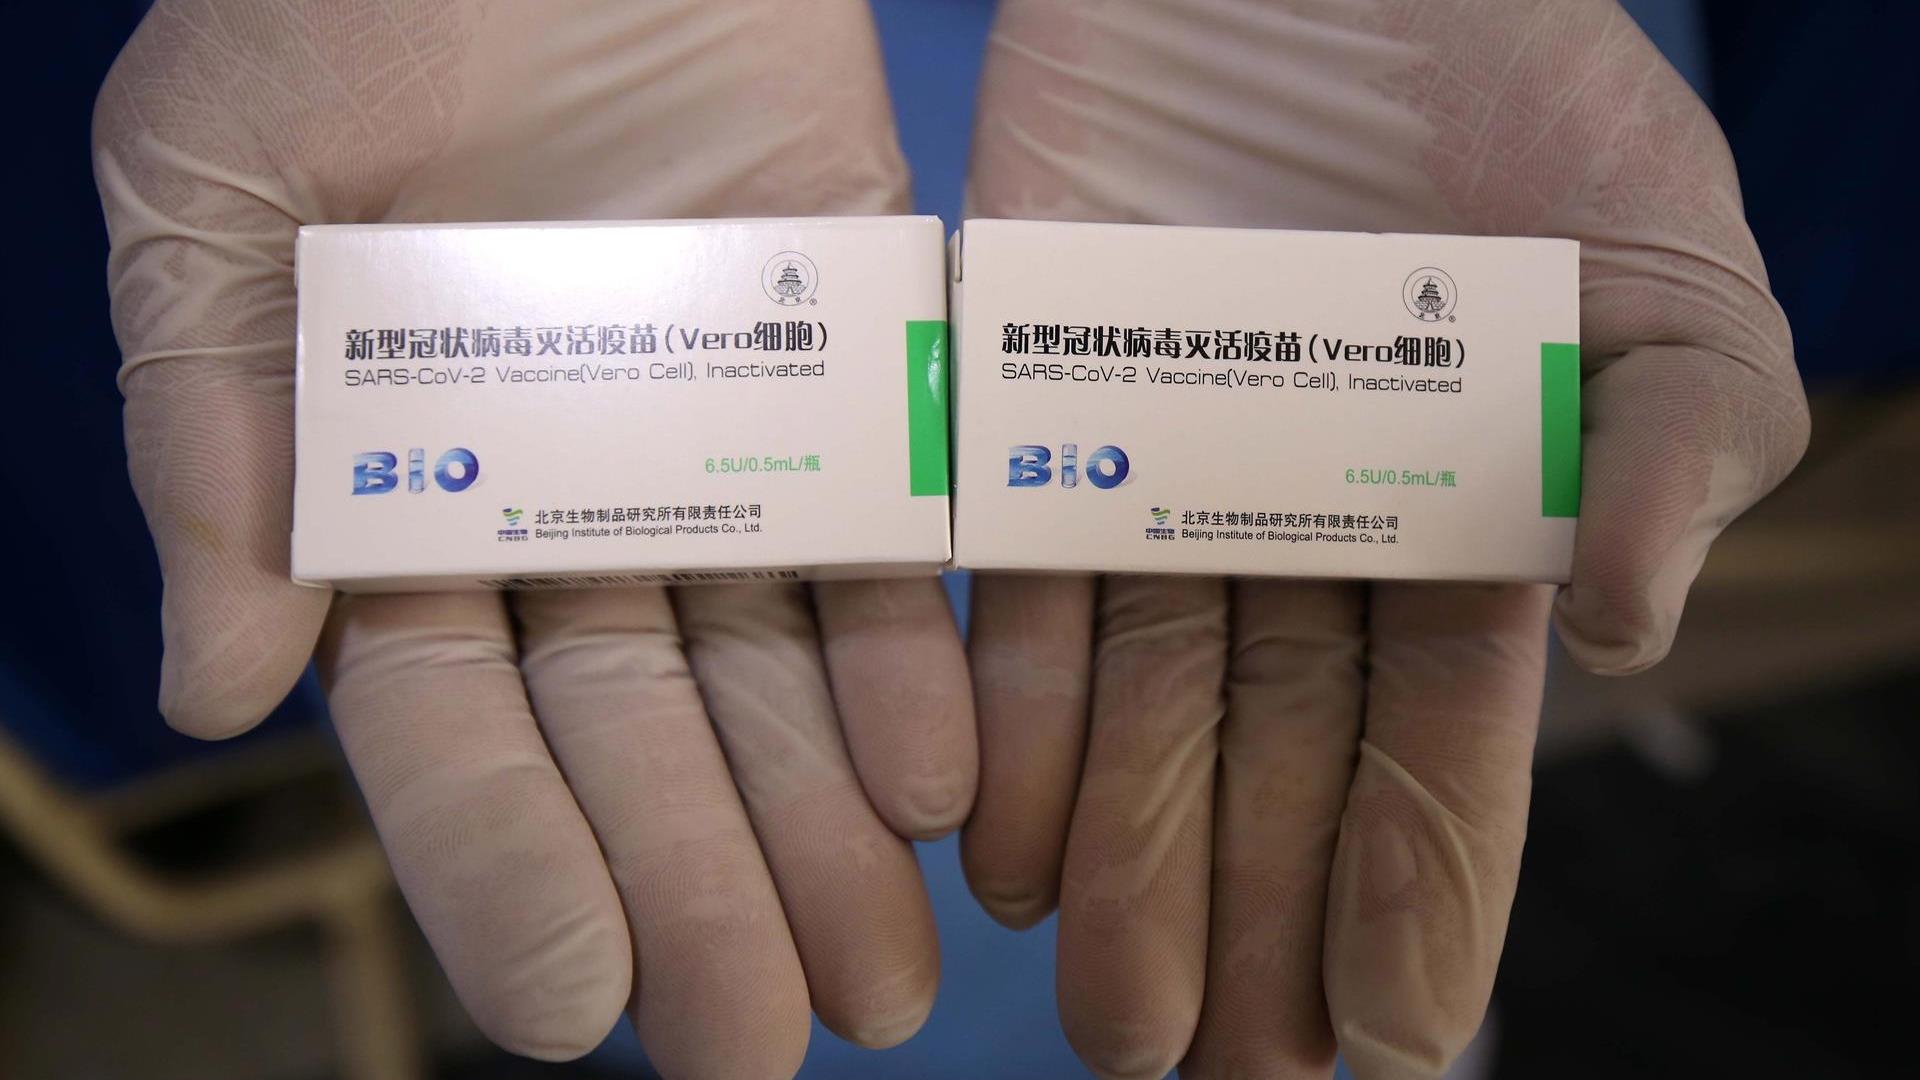 Reporte de Sinopharm sobre la eficacia de su vacuna.